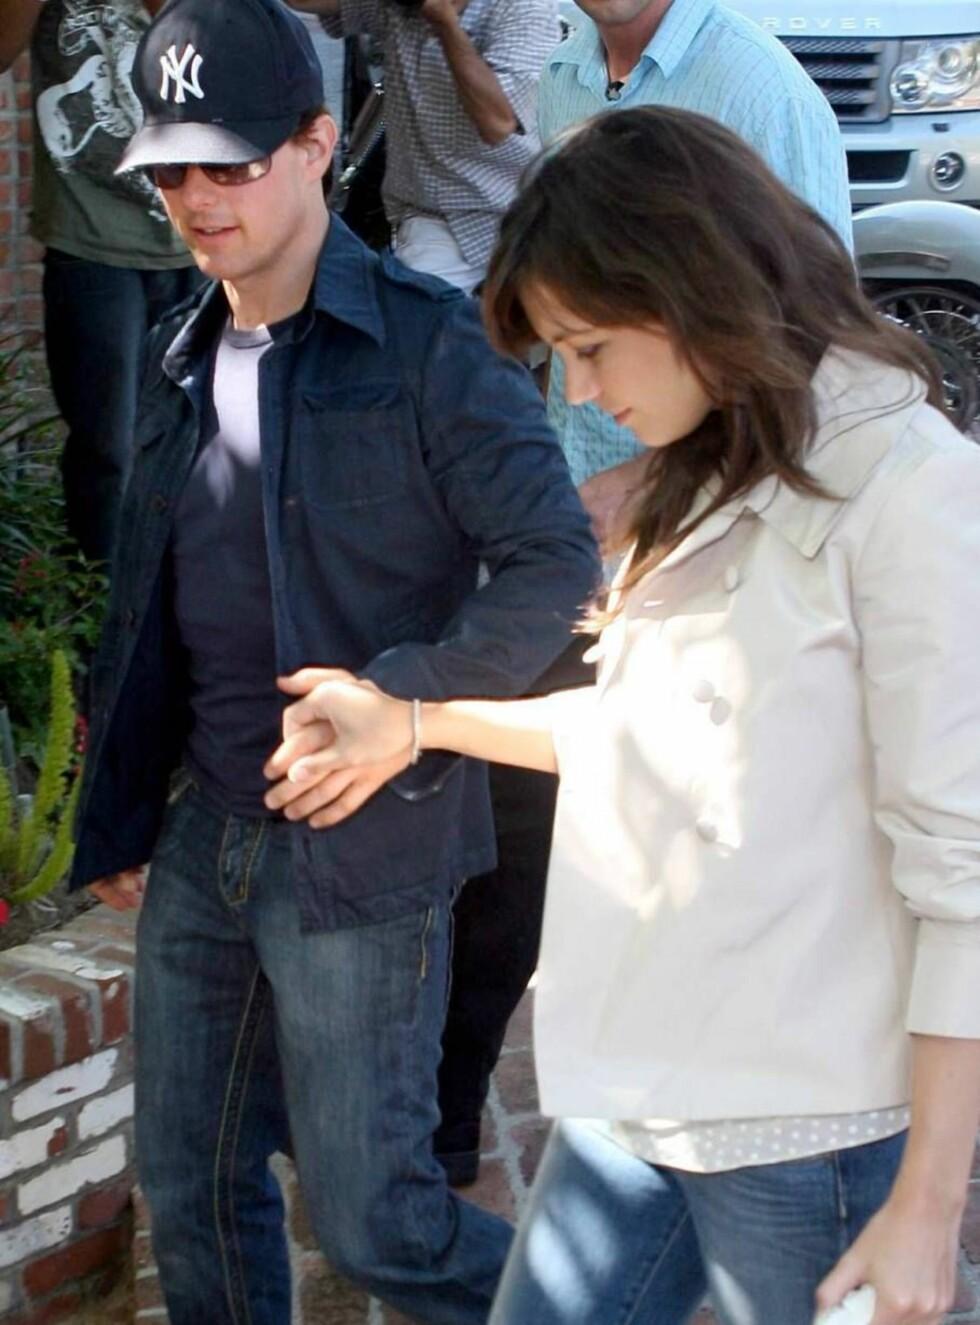 <strong>PERFEKSJONERER:</strong> Tom og Katie øver på å gå ned kirkegulvet. Foto: All Over Press